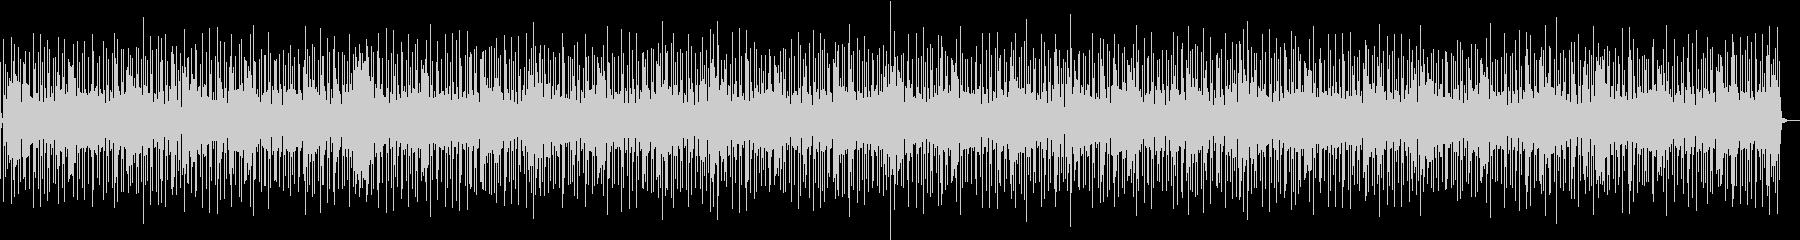 バンドサウンド軽快なロックンロールBGMの未再生の波形